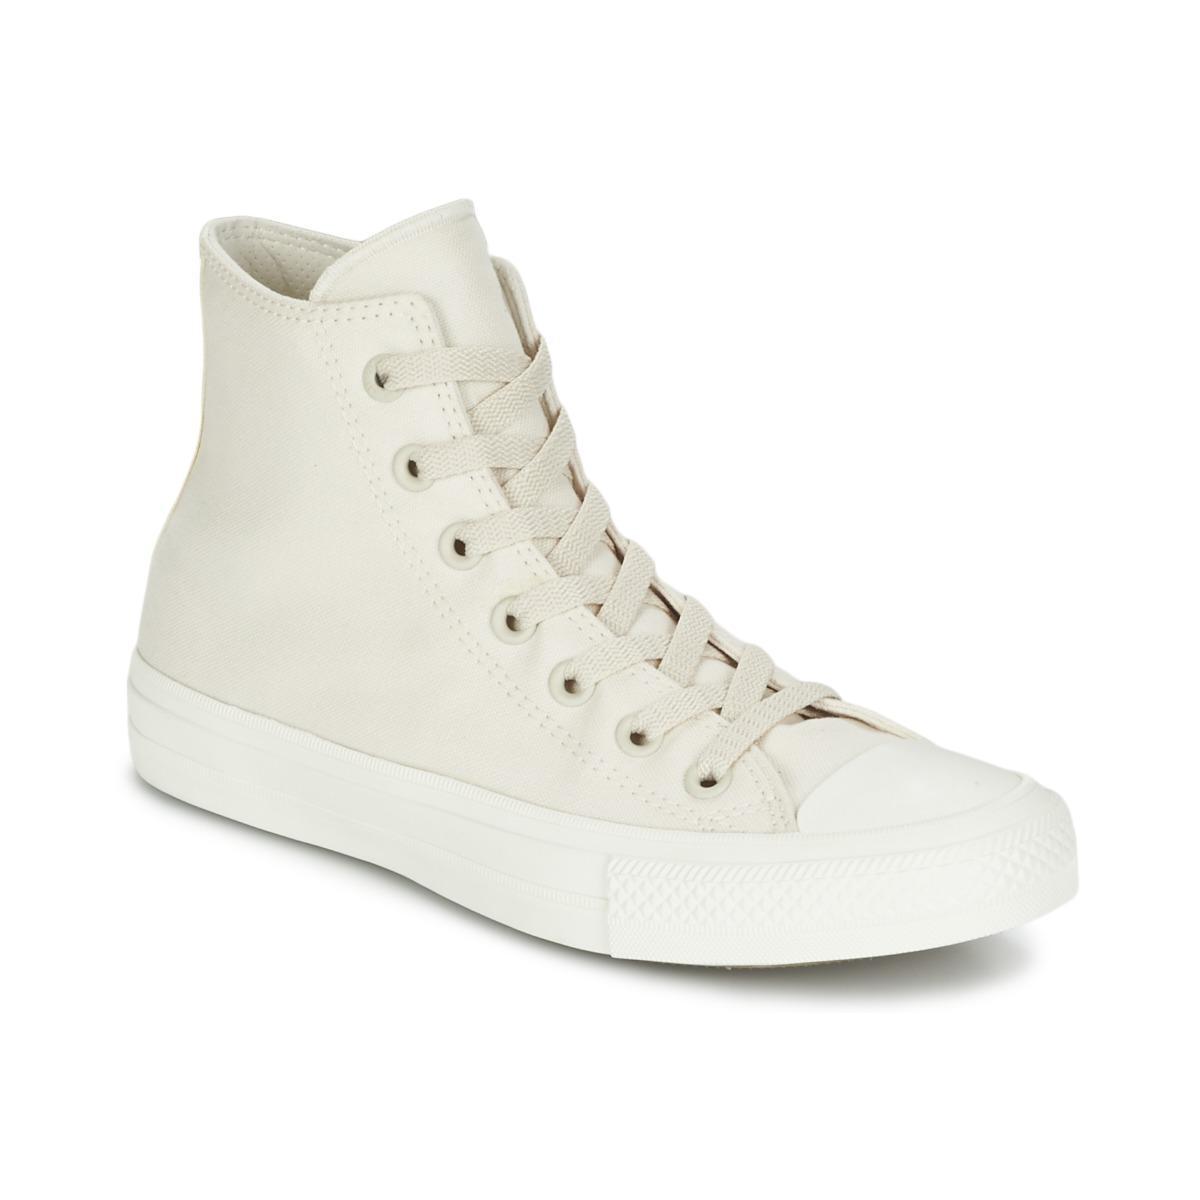 Converse Chuck Taylor All Star Ii Canvas Hi Men s Shoes (high-top ... 785ef29c4